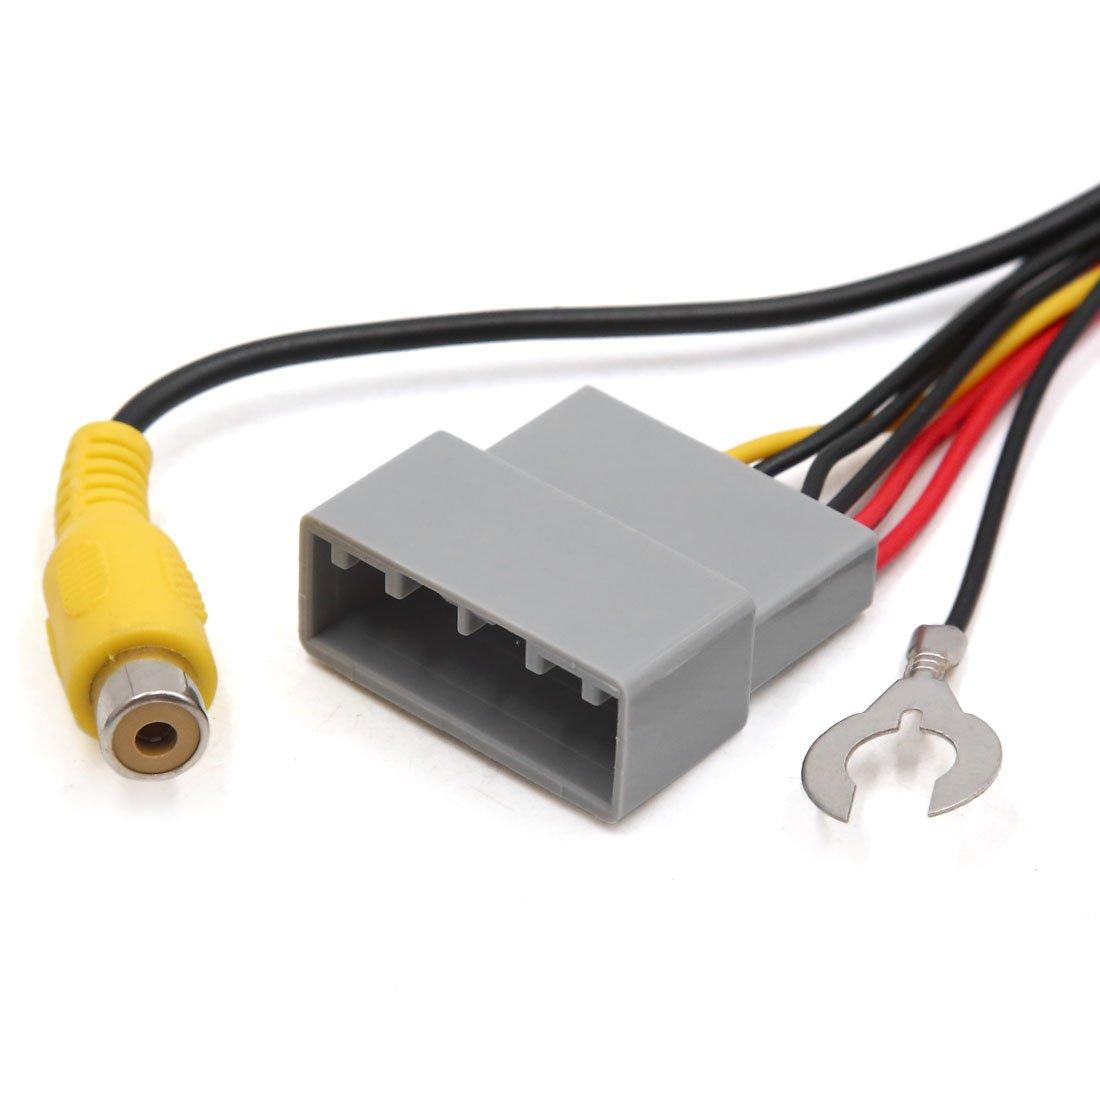 sourcing map Adaptador Cable Conector de La C/ámara de Parking Marcha Atr/ás para Coche City